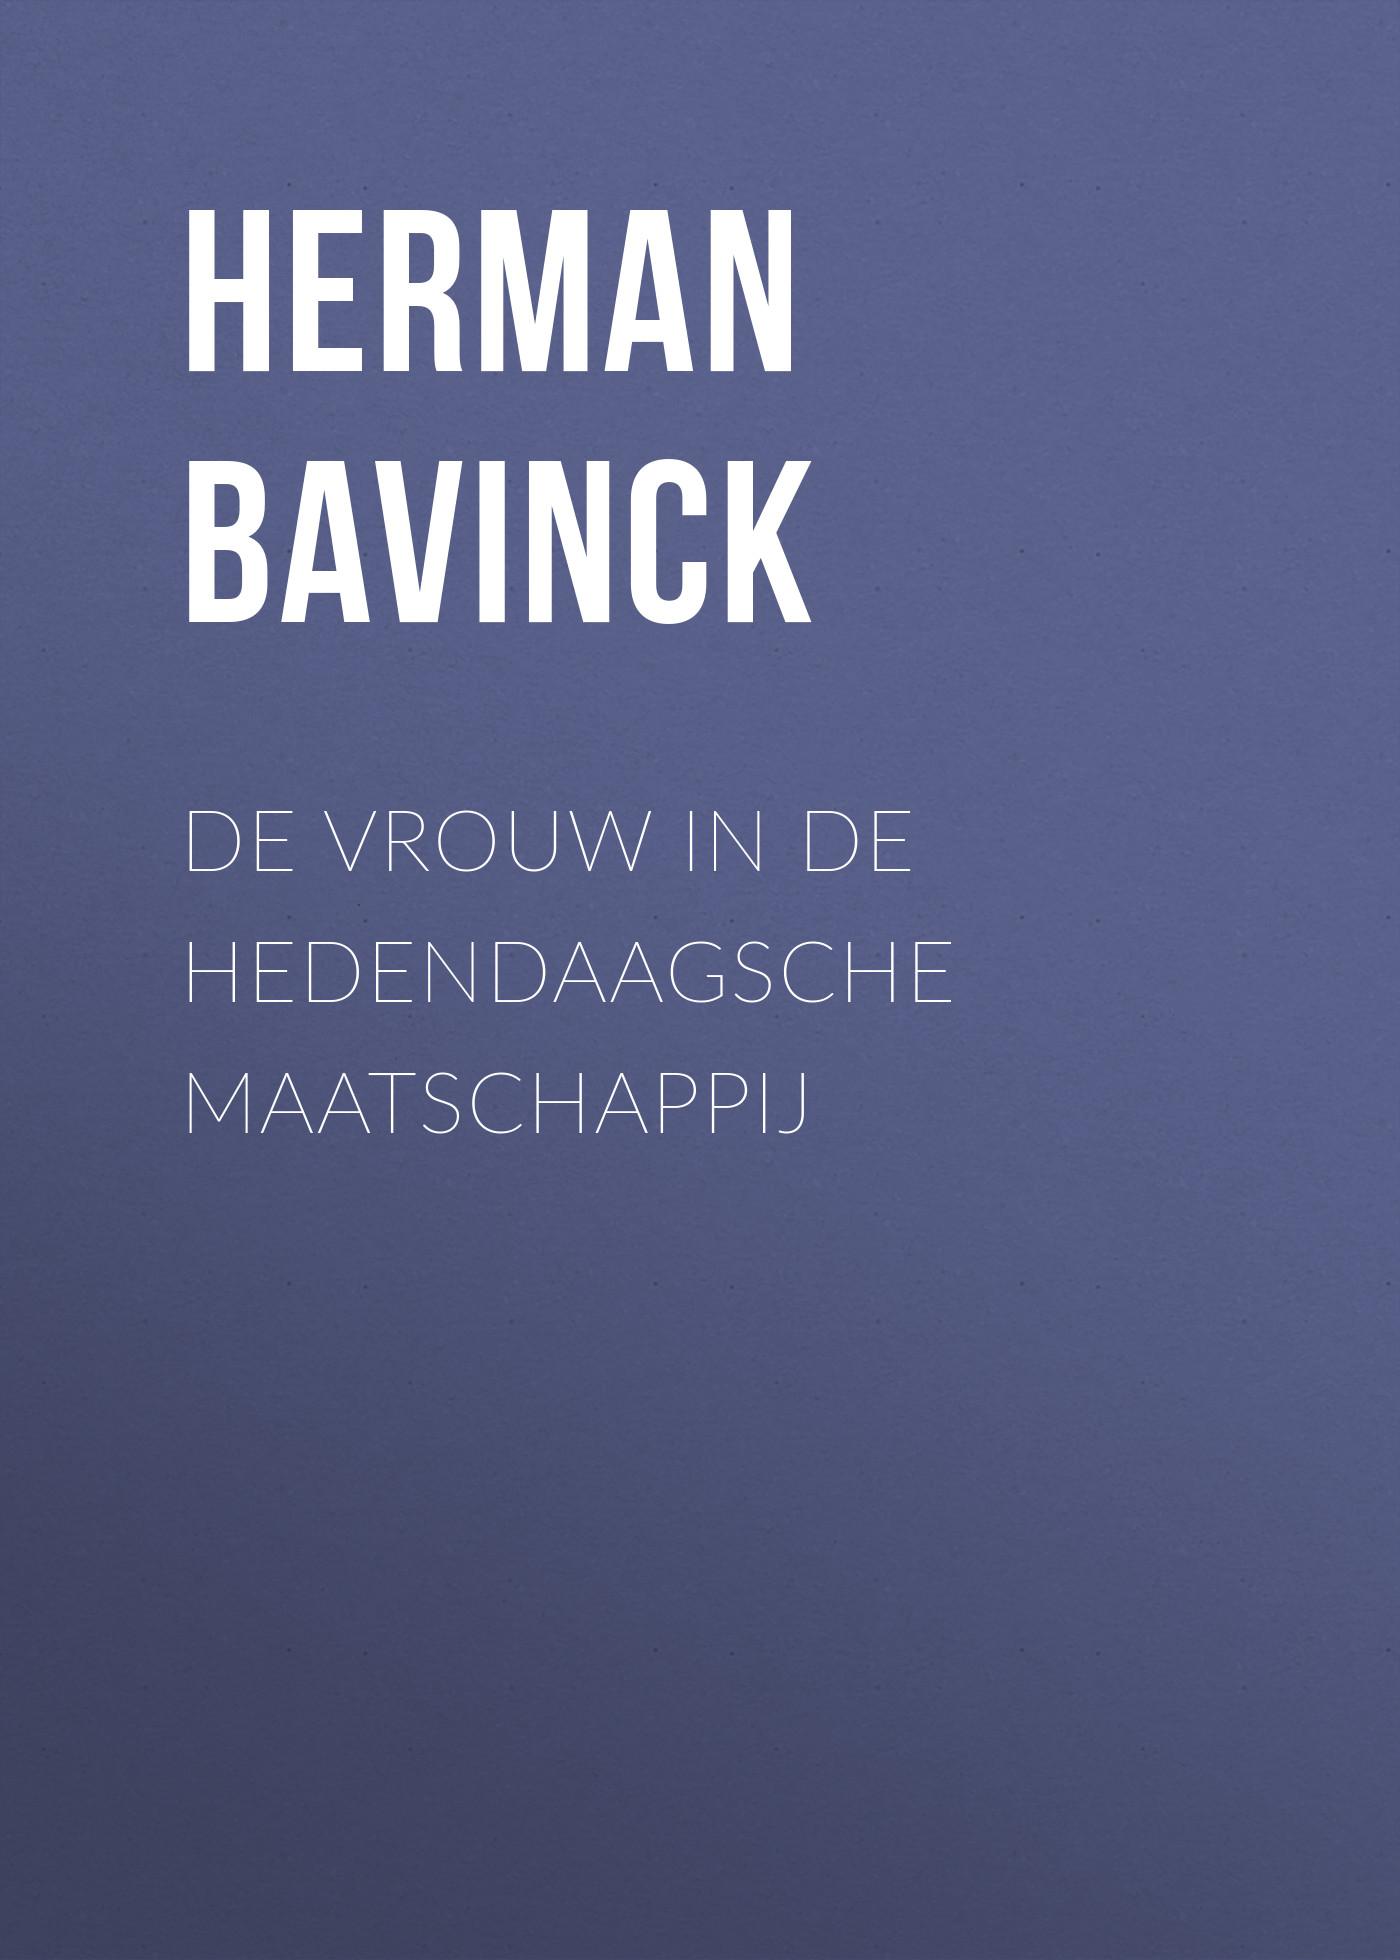 Herman Bavinck De vrouw in de hedendaagsche maatschappij herman johan robbers de vreemde plant